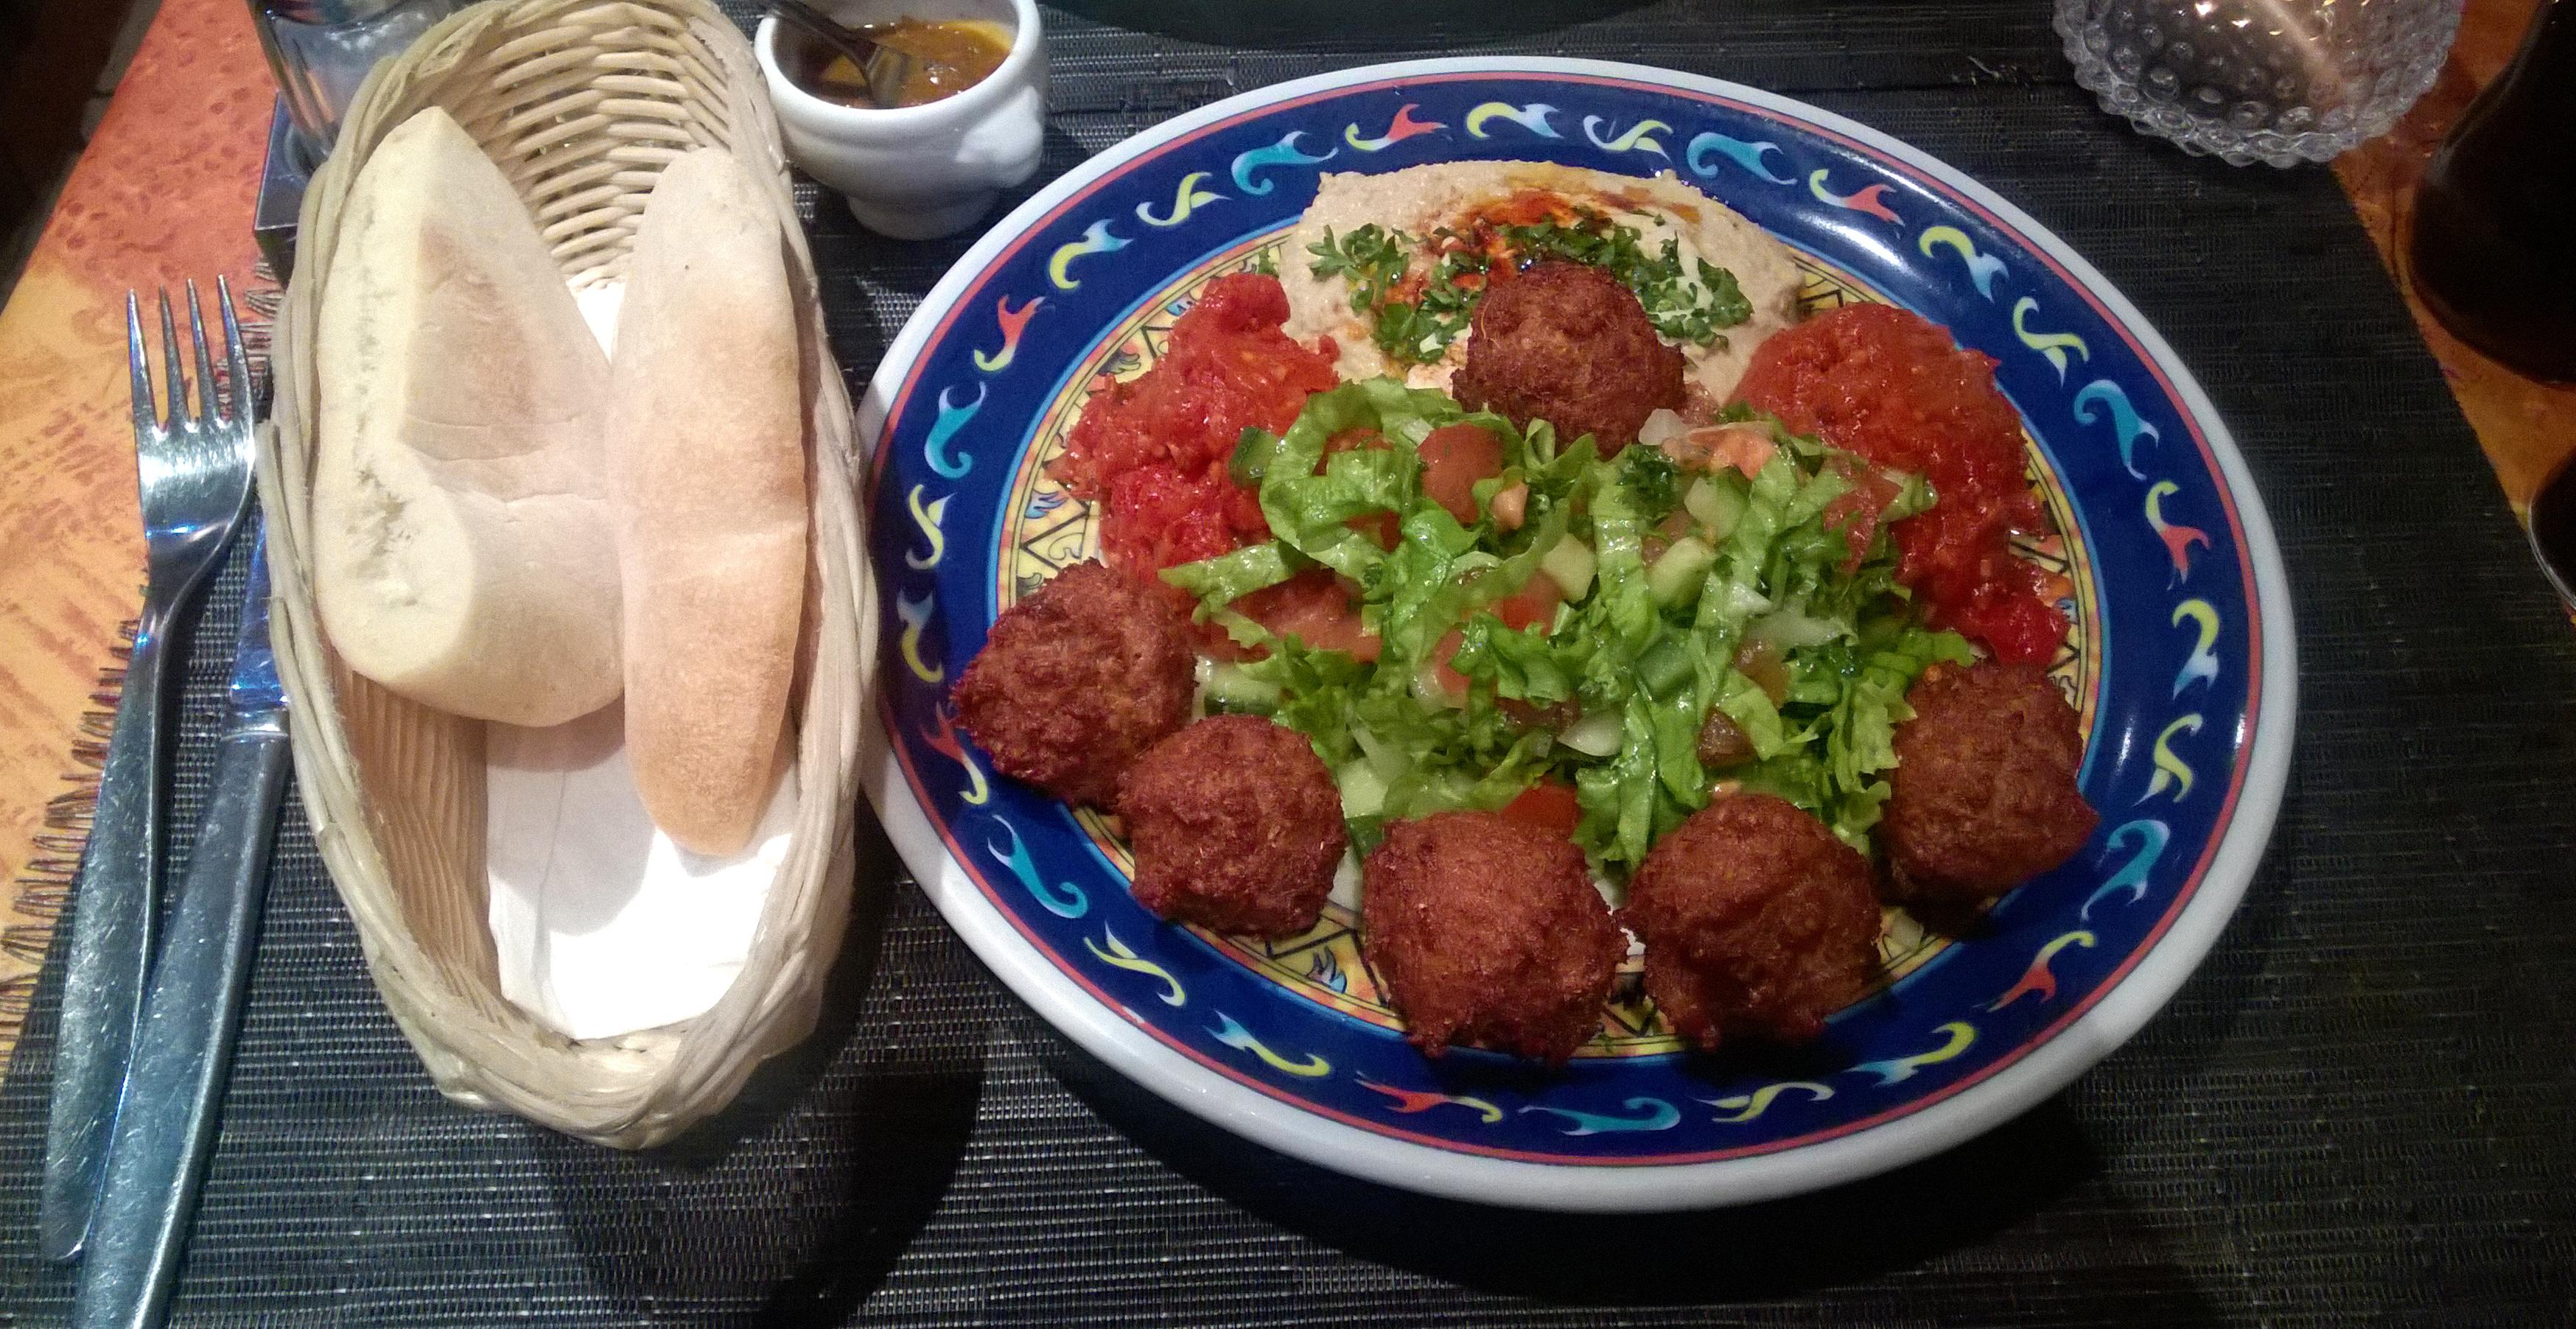 Falafel plate at Cafe l'Ami-Ami